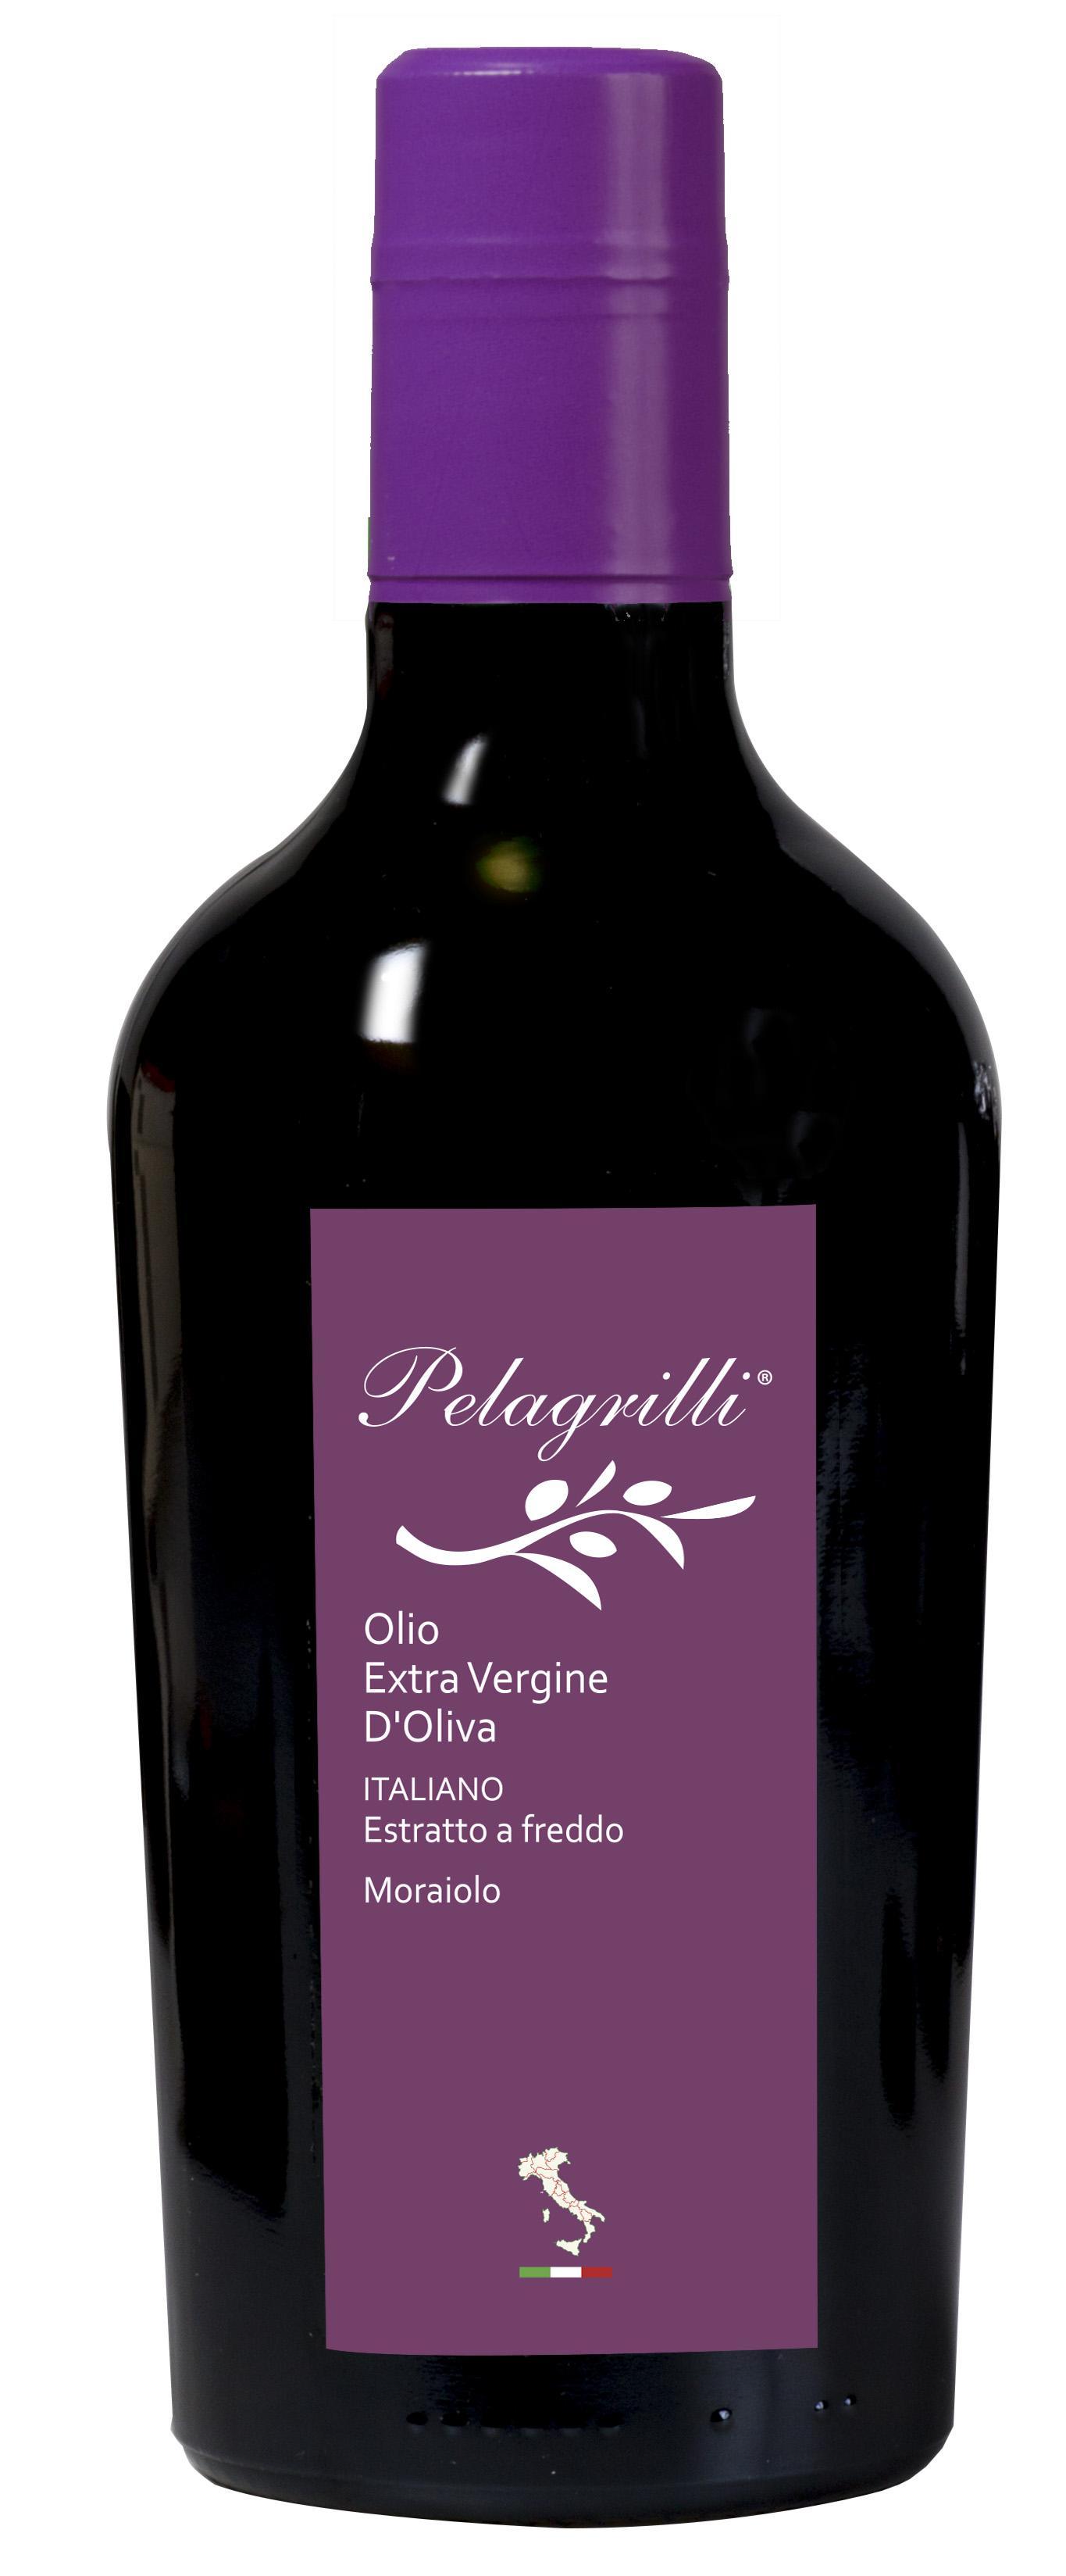 MORAIOLO Nuovo Raccolto 2018-2019 olio extra vergine di oliva Italiano estratto a freddo lt. 0,5